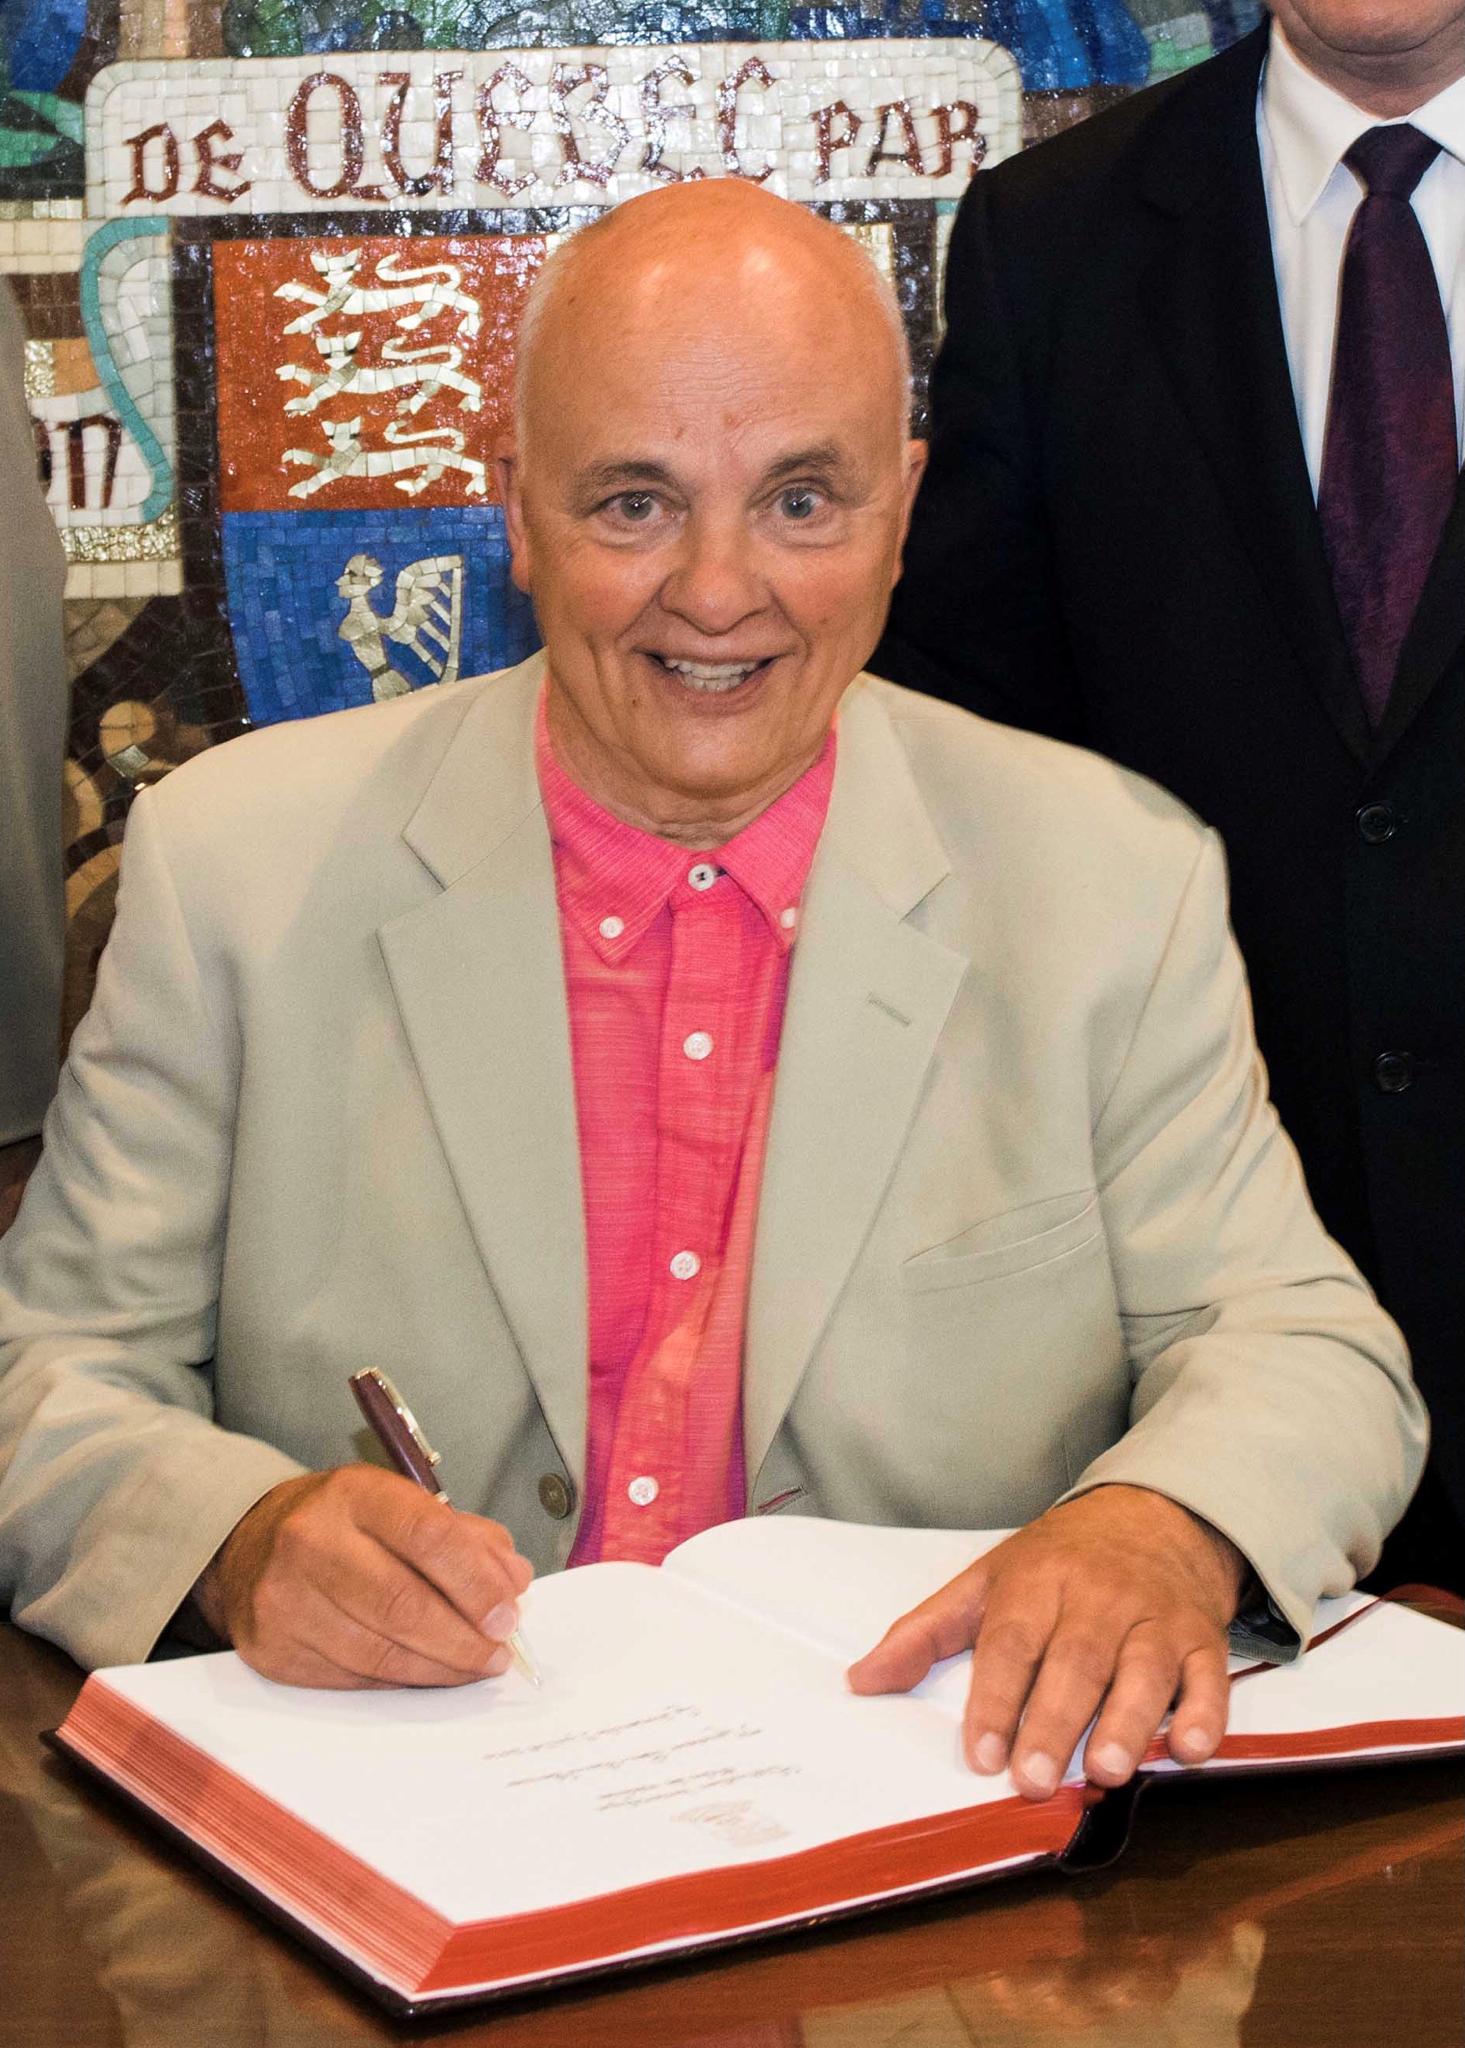 Jean-Pierre Bernier